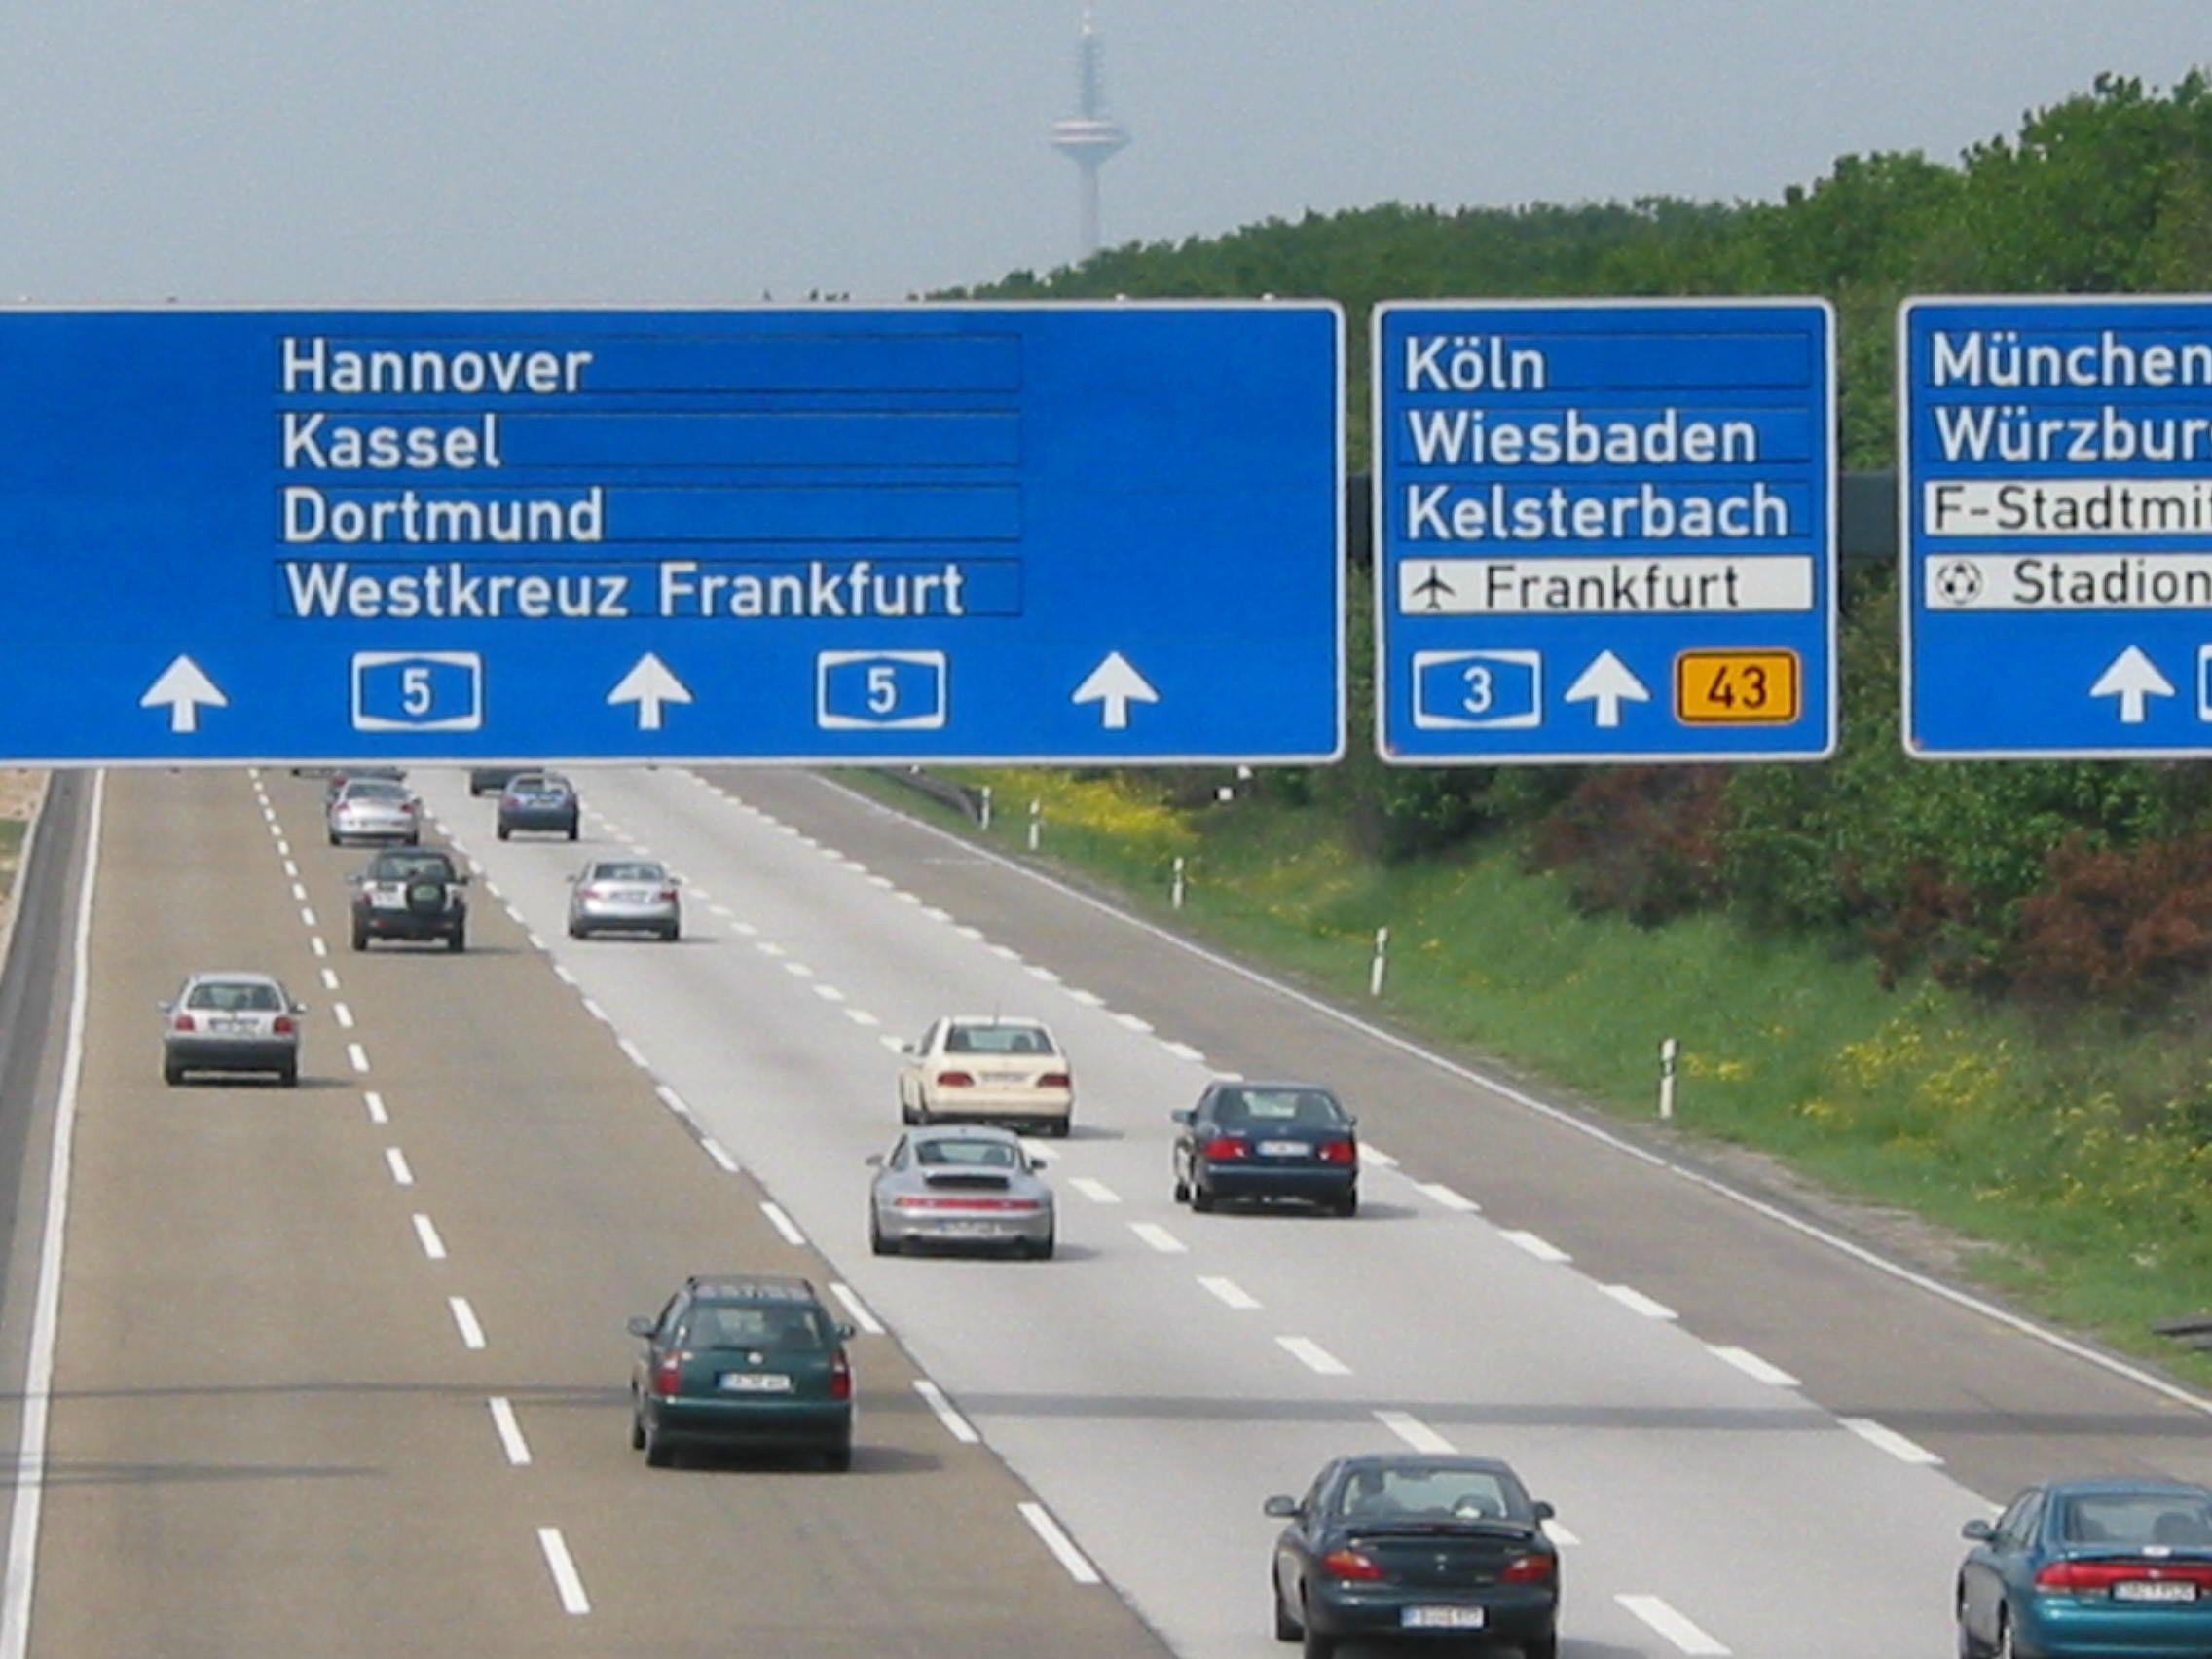 La fin d'un mythe : les autoroutes allemandes sans limitation de vitesse, c'est bientôt fini ! Par Hilaire Picault         Autobahn